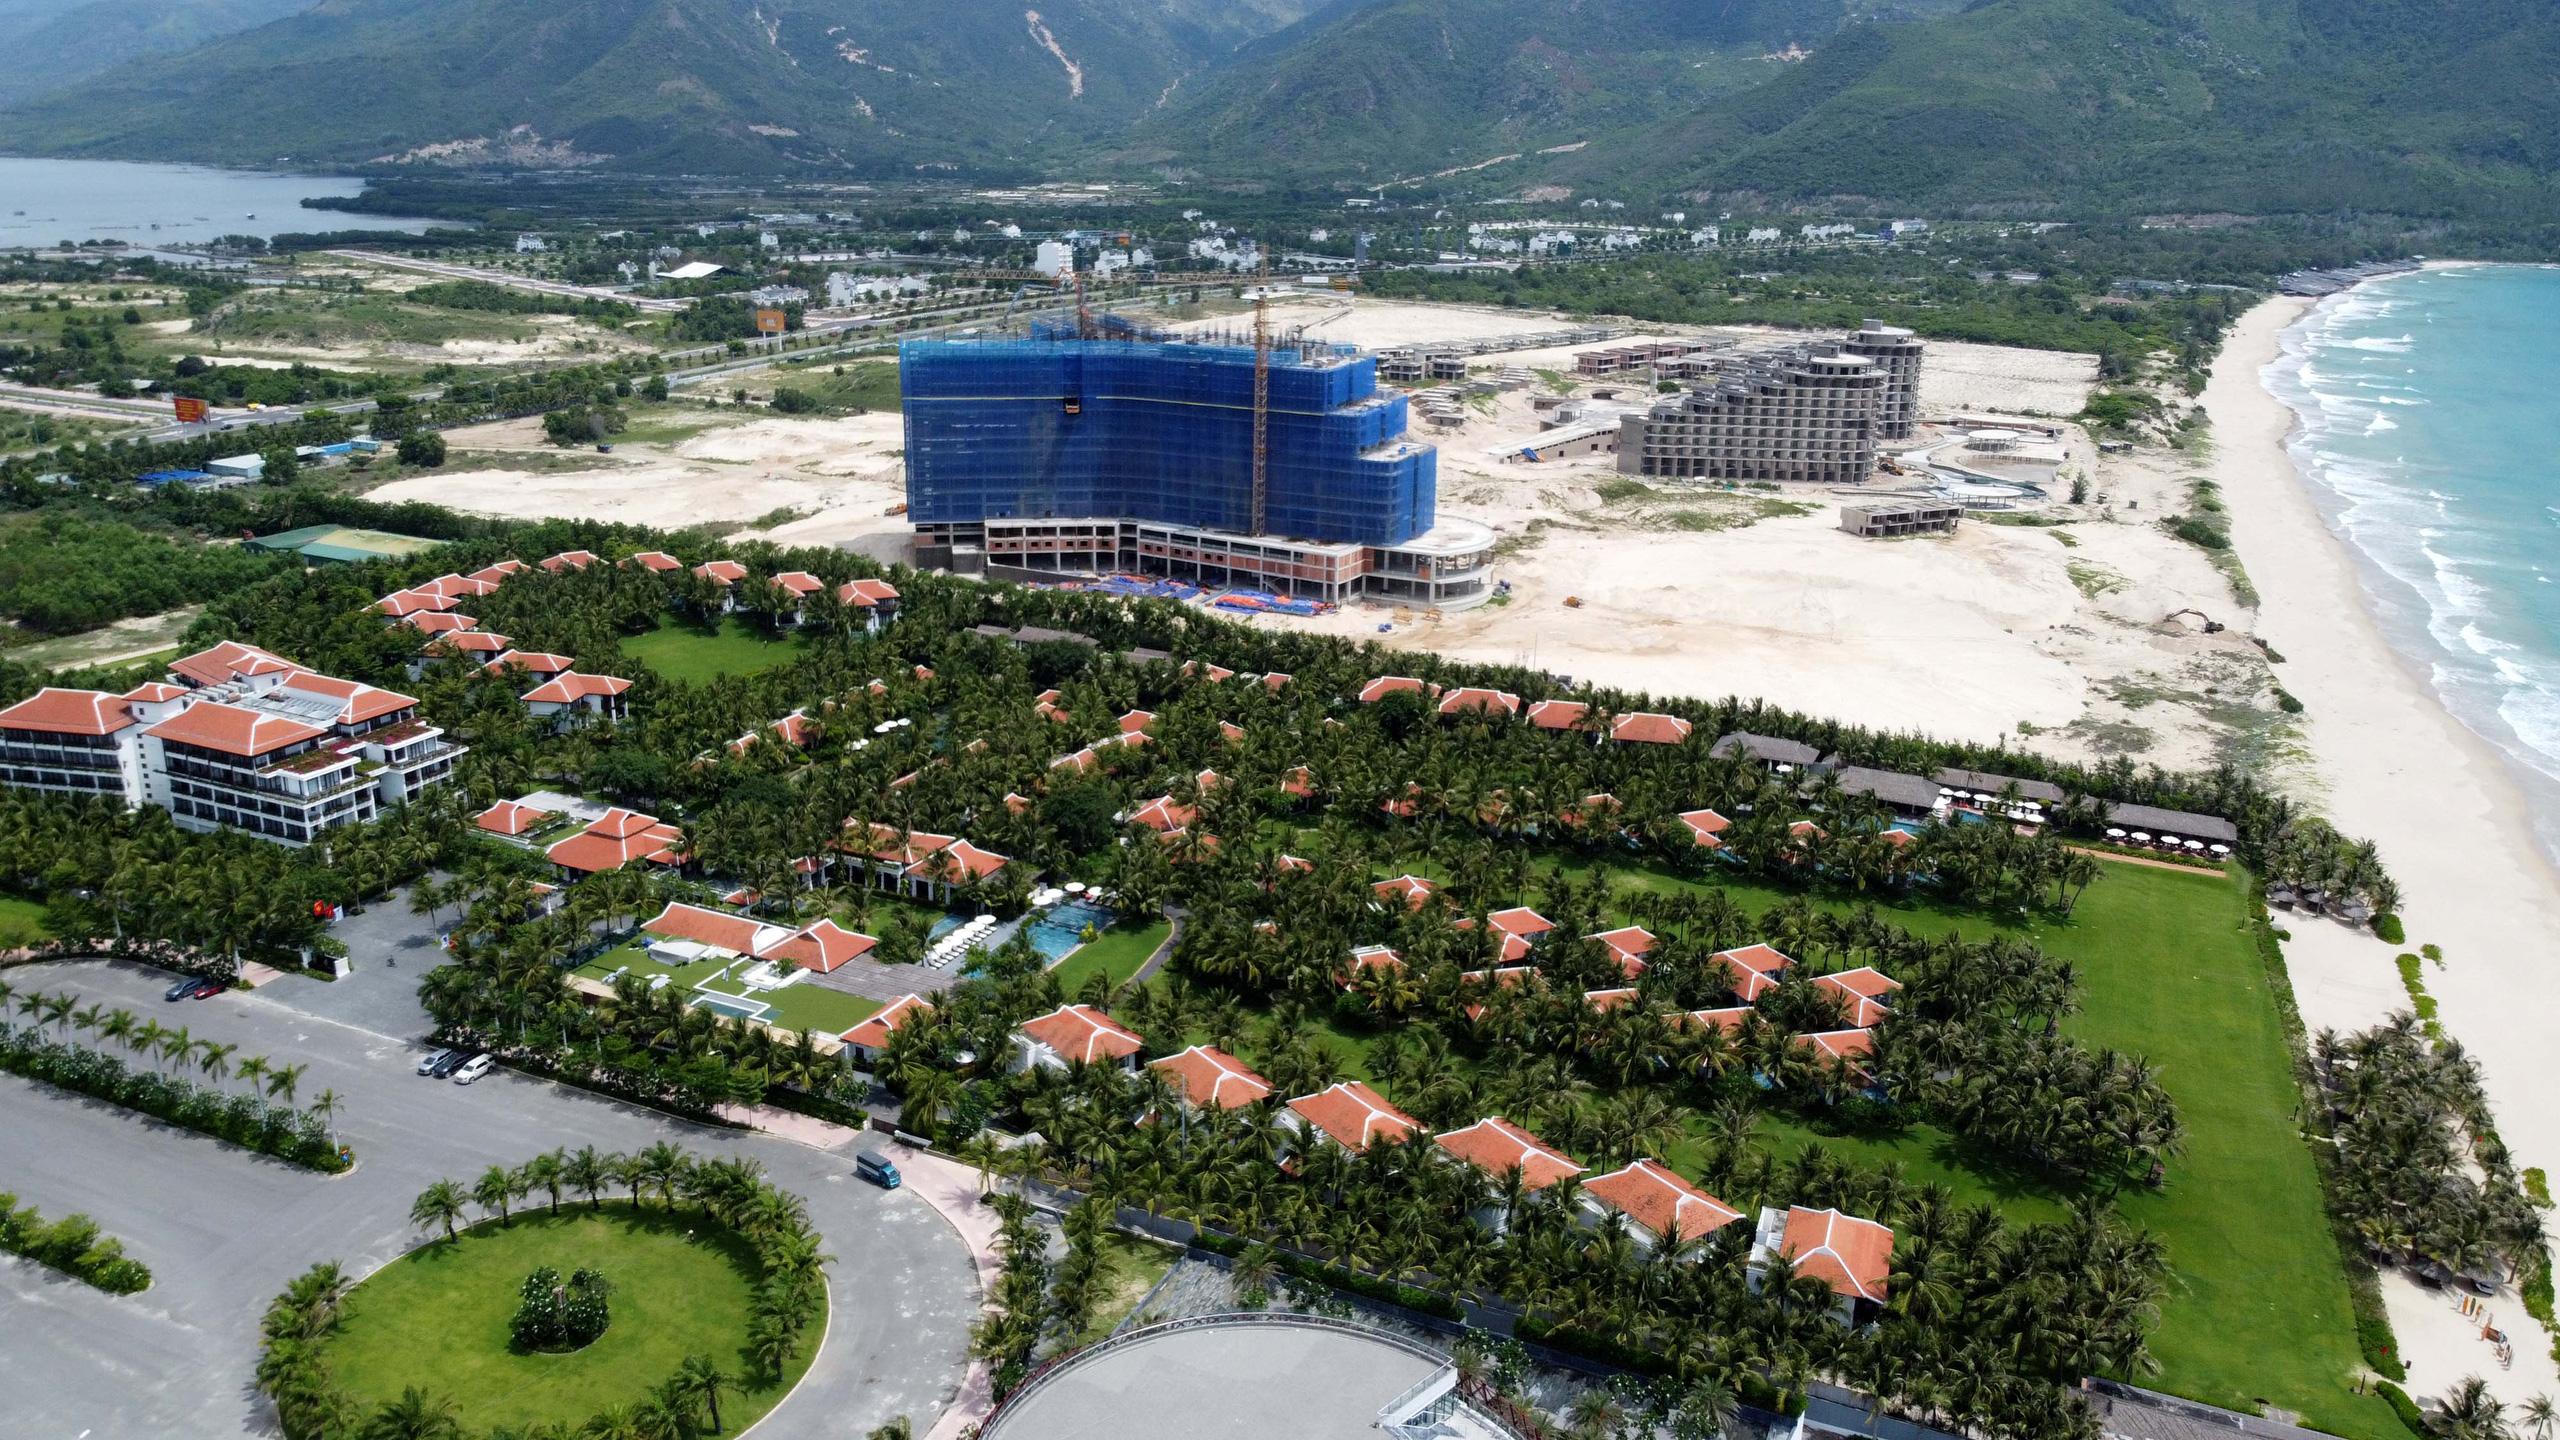 Gần 26.000 tỷ đồng đầu tư xây dựng tại Bãi Dài – Cam Ranh - Ảnh 2.